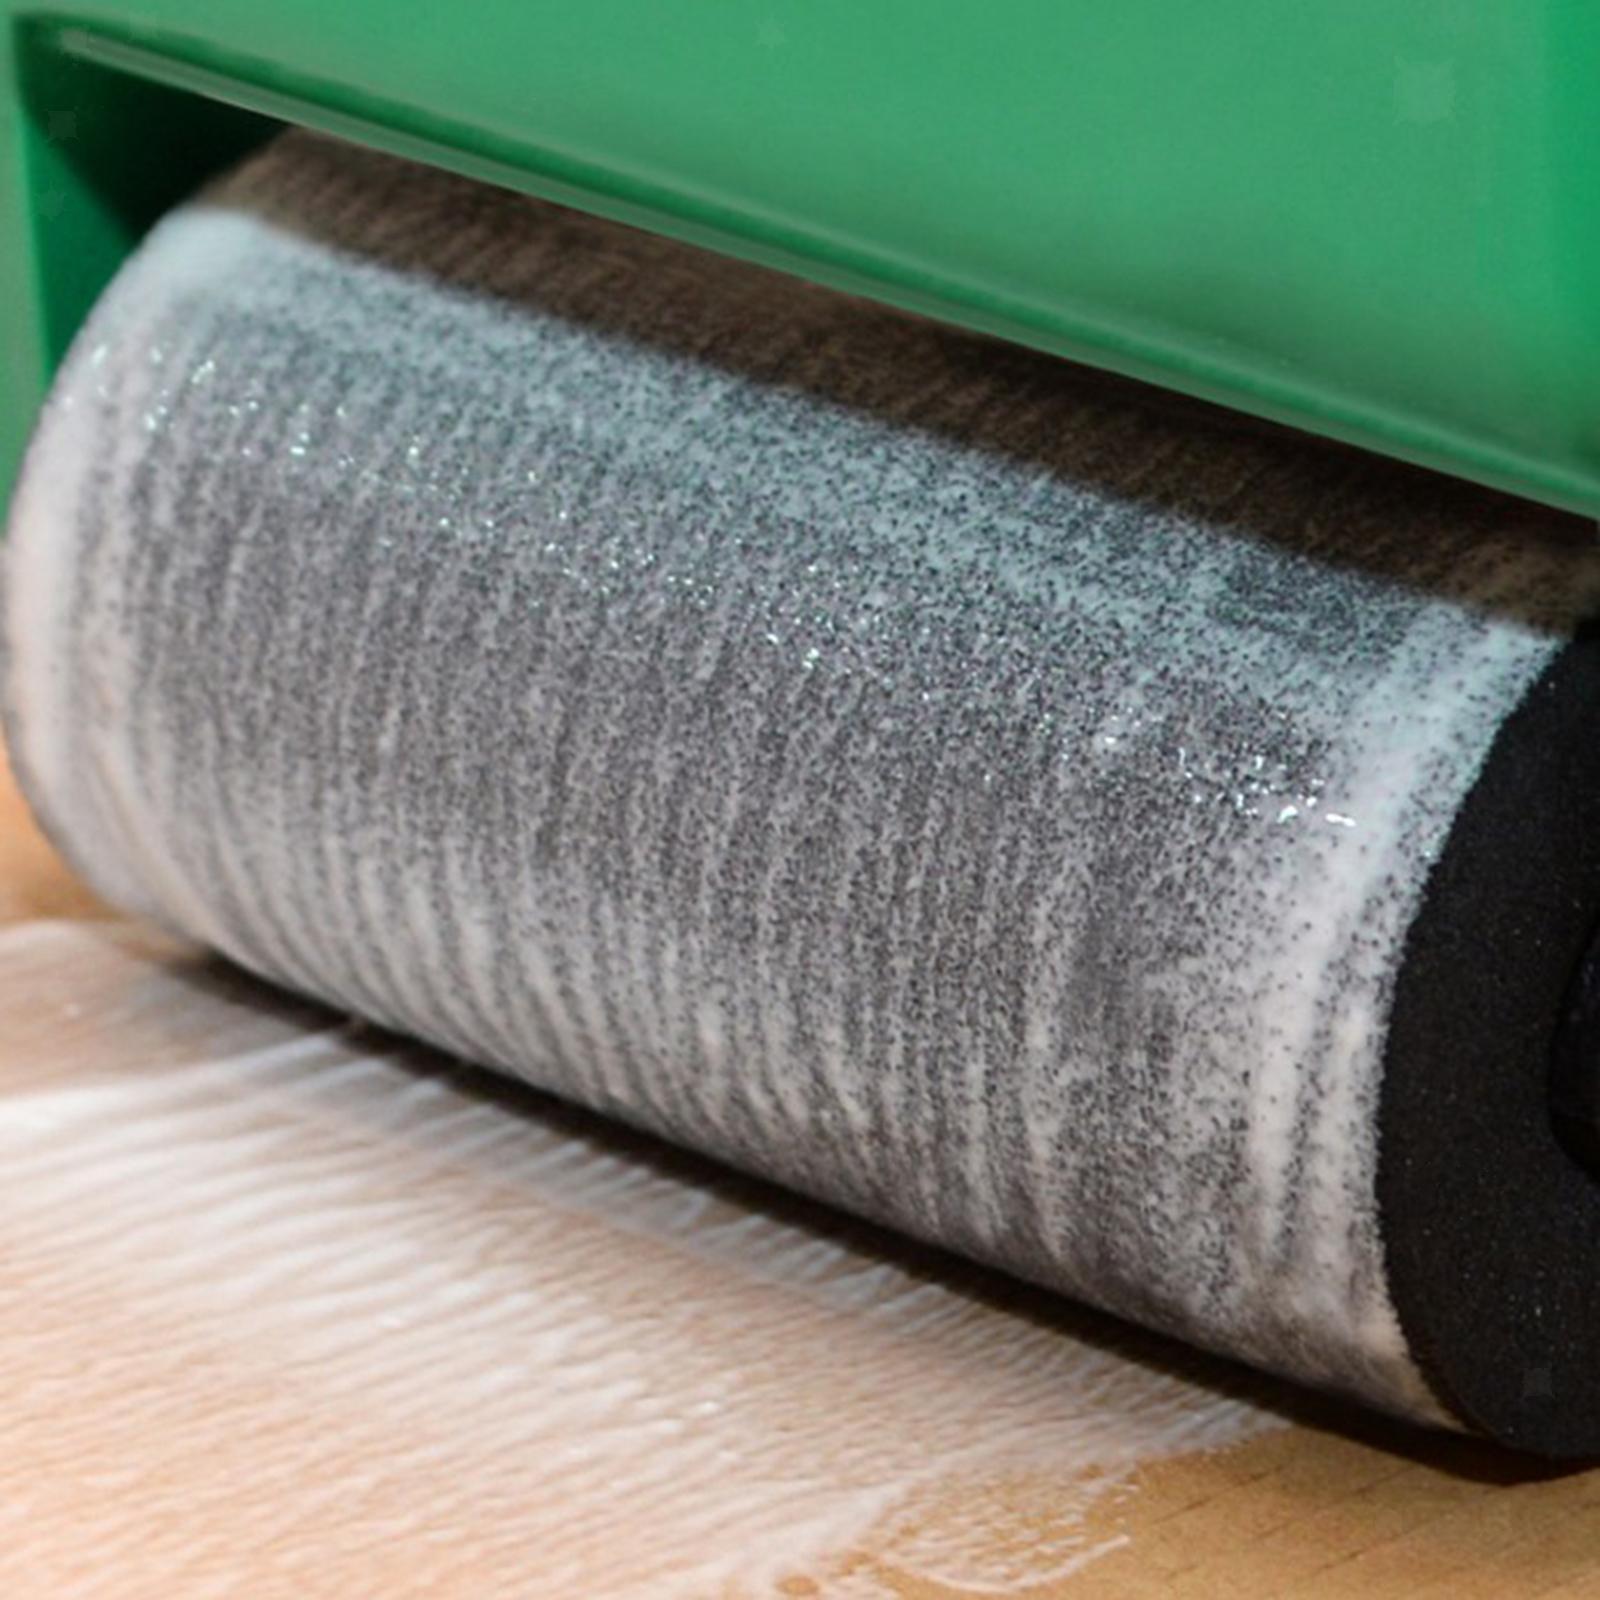 miniatura 24 - 180mL/320mL Portatile Colla Applicatore Rullo Professionale Rivestito Colla